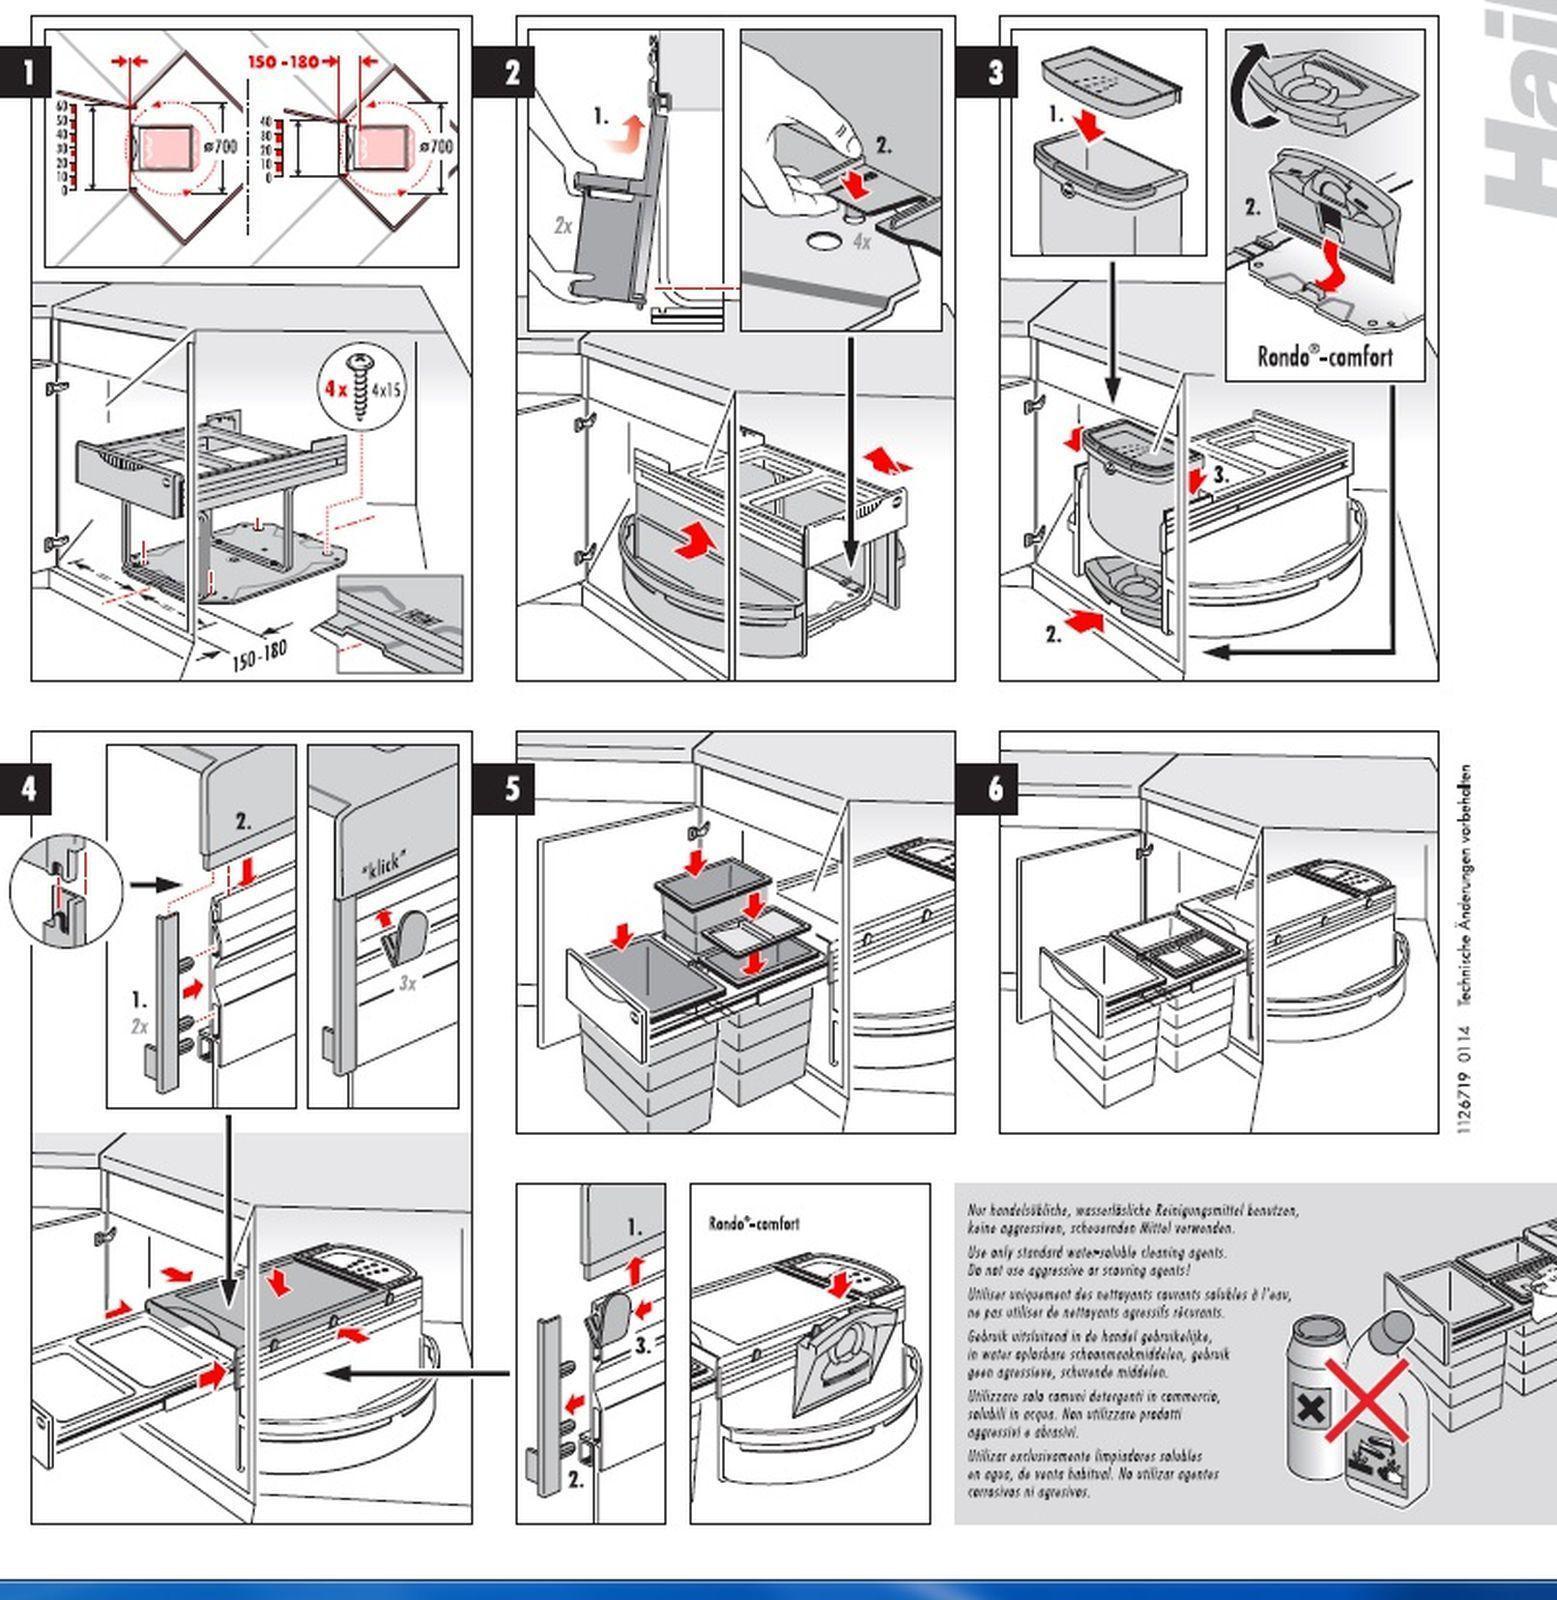 Fein Abmessungen Küchenschränke Fotos Die Besten Wohnideen